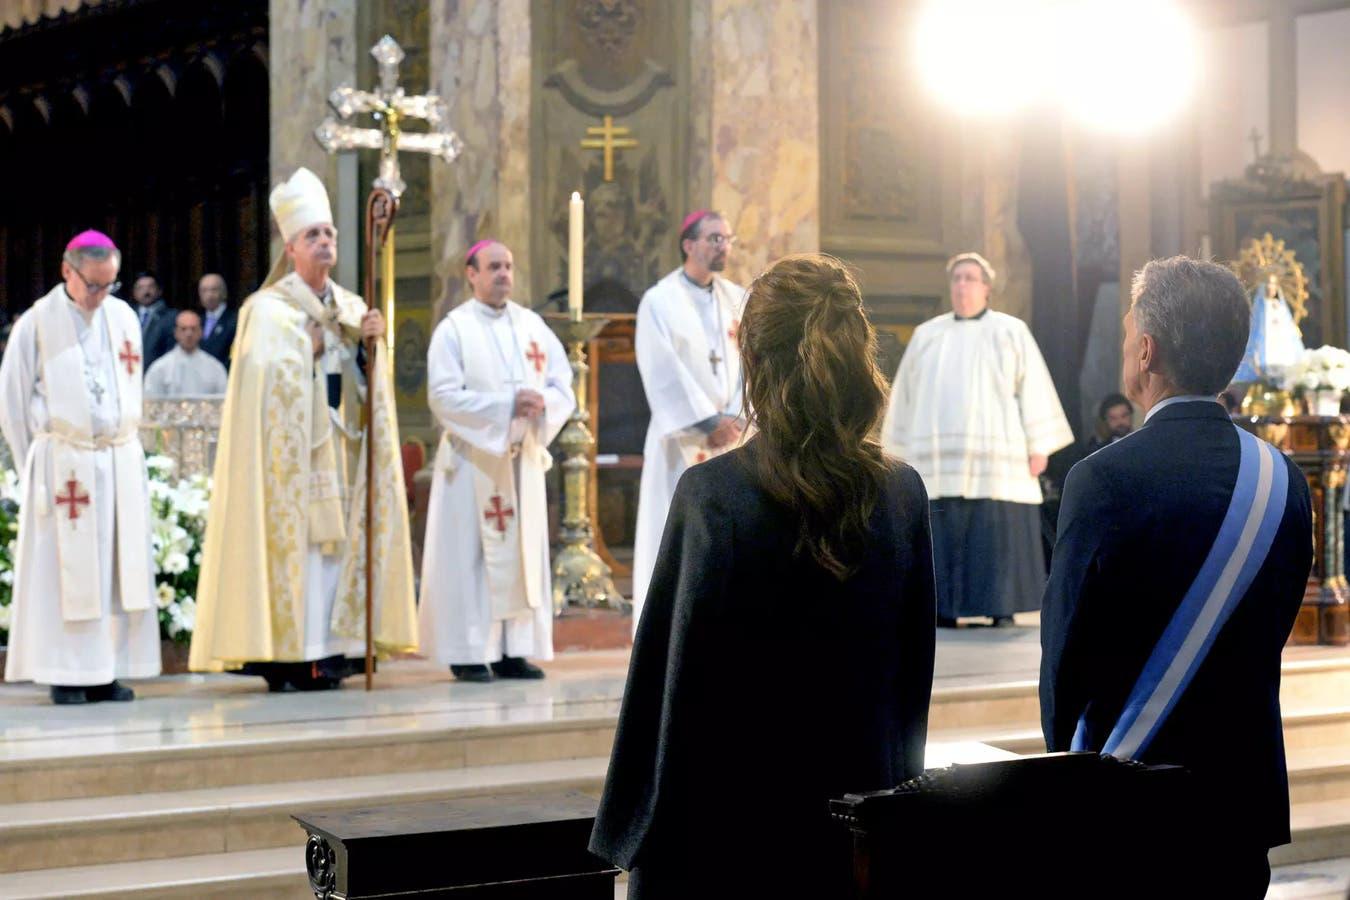 Más allá de los cortocircuitos de las últimas semanas por el apoyo a Moyano, representantes del Gobierno y la Iglesia negocian un entendimiento para modificar las contribuciones estatales al culto